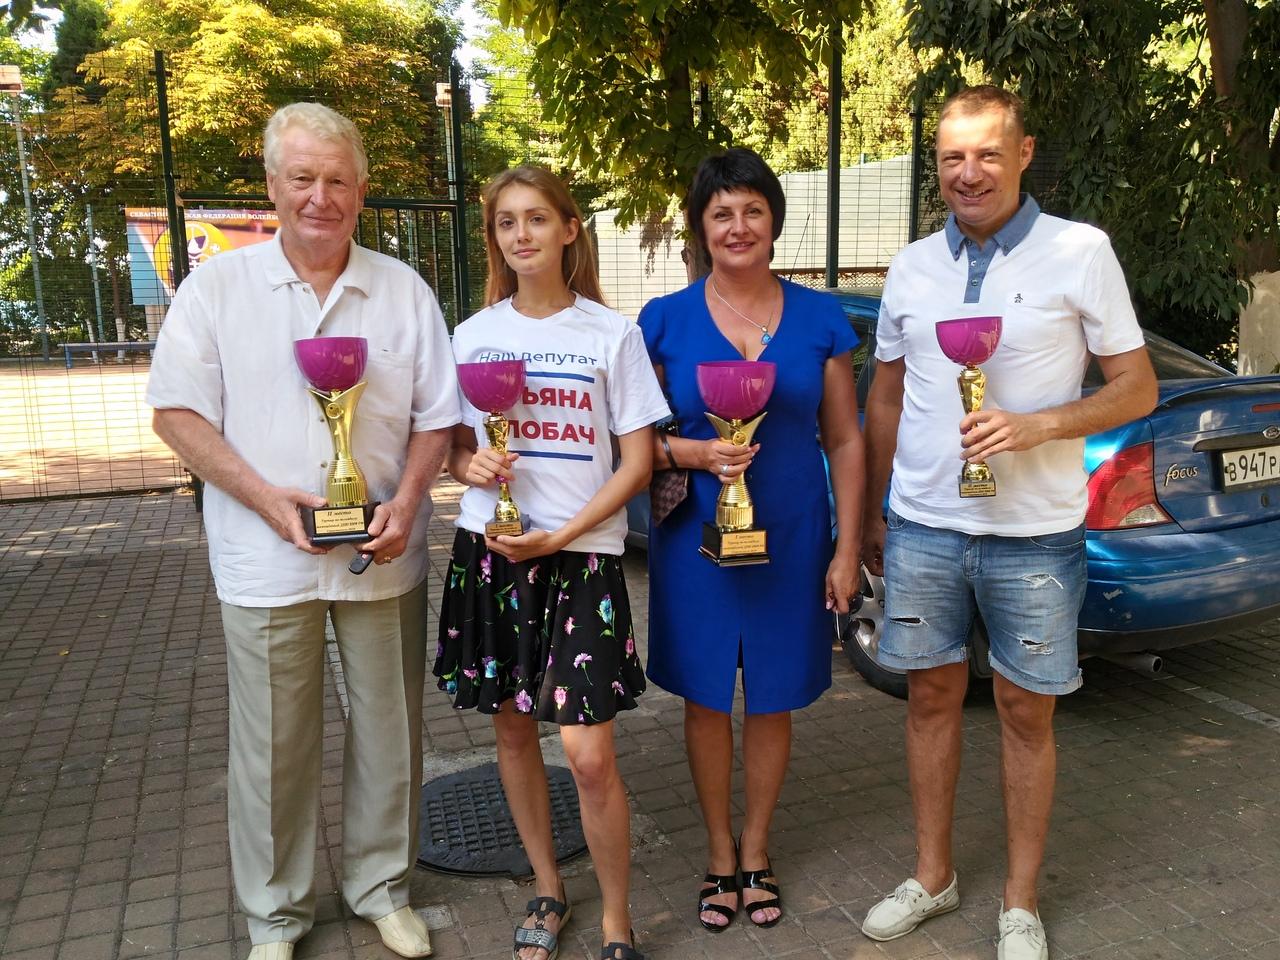 «Я хочу, чтобы Севастополь был базой спорта», — Татьяна Лобач